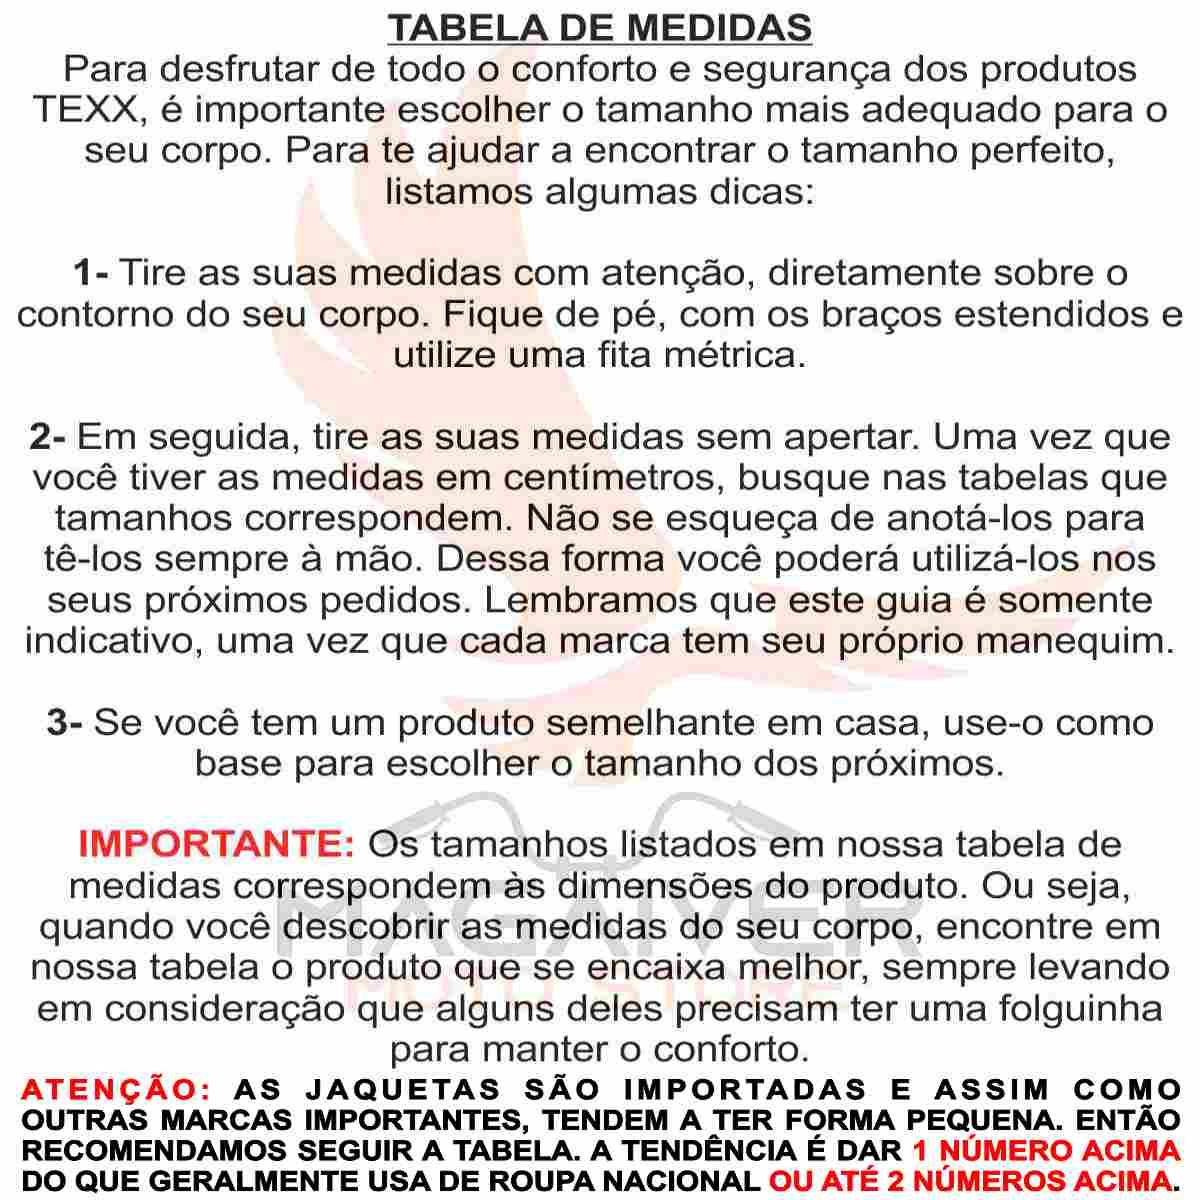 JAQUETA IMPERMÁVEL COM FORRO REMOVÍVEL DE MOTOCICLISTA TEXX NEW STRIKE MASCULINO COM PROTEÇÕES